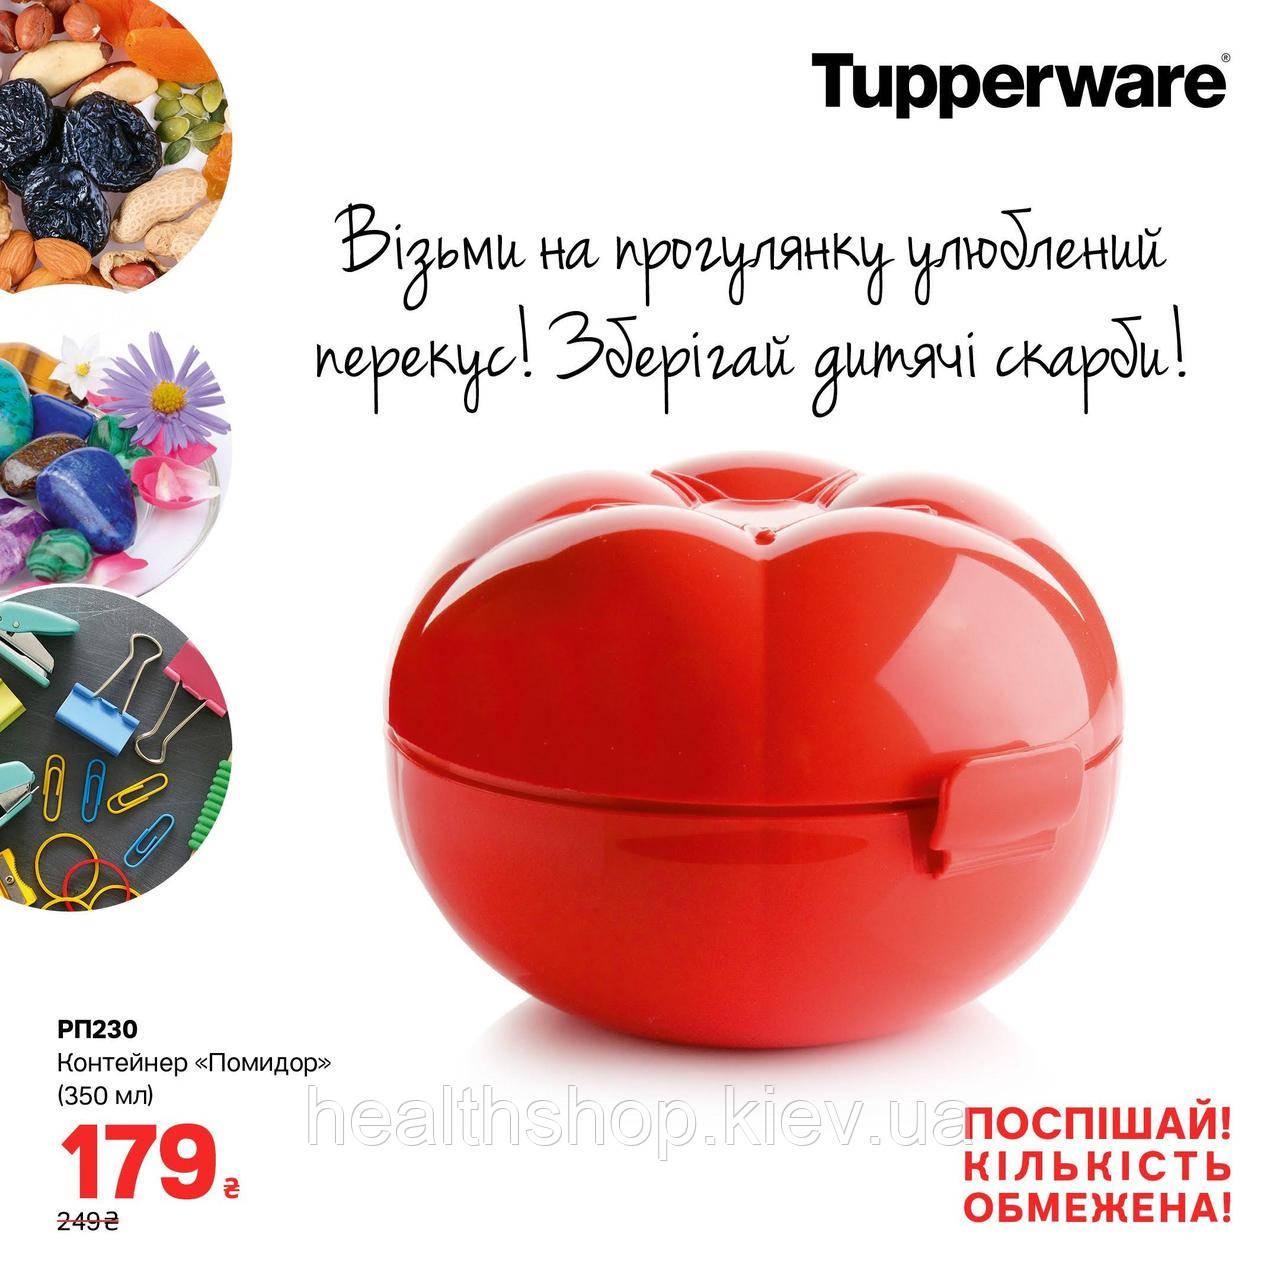 Контейнер Помидор, 350 мл Tupperware (Тапервер)